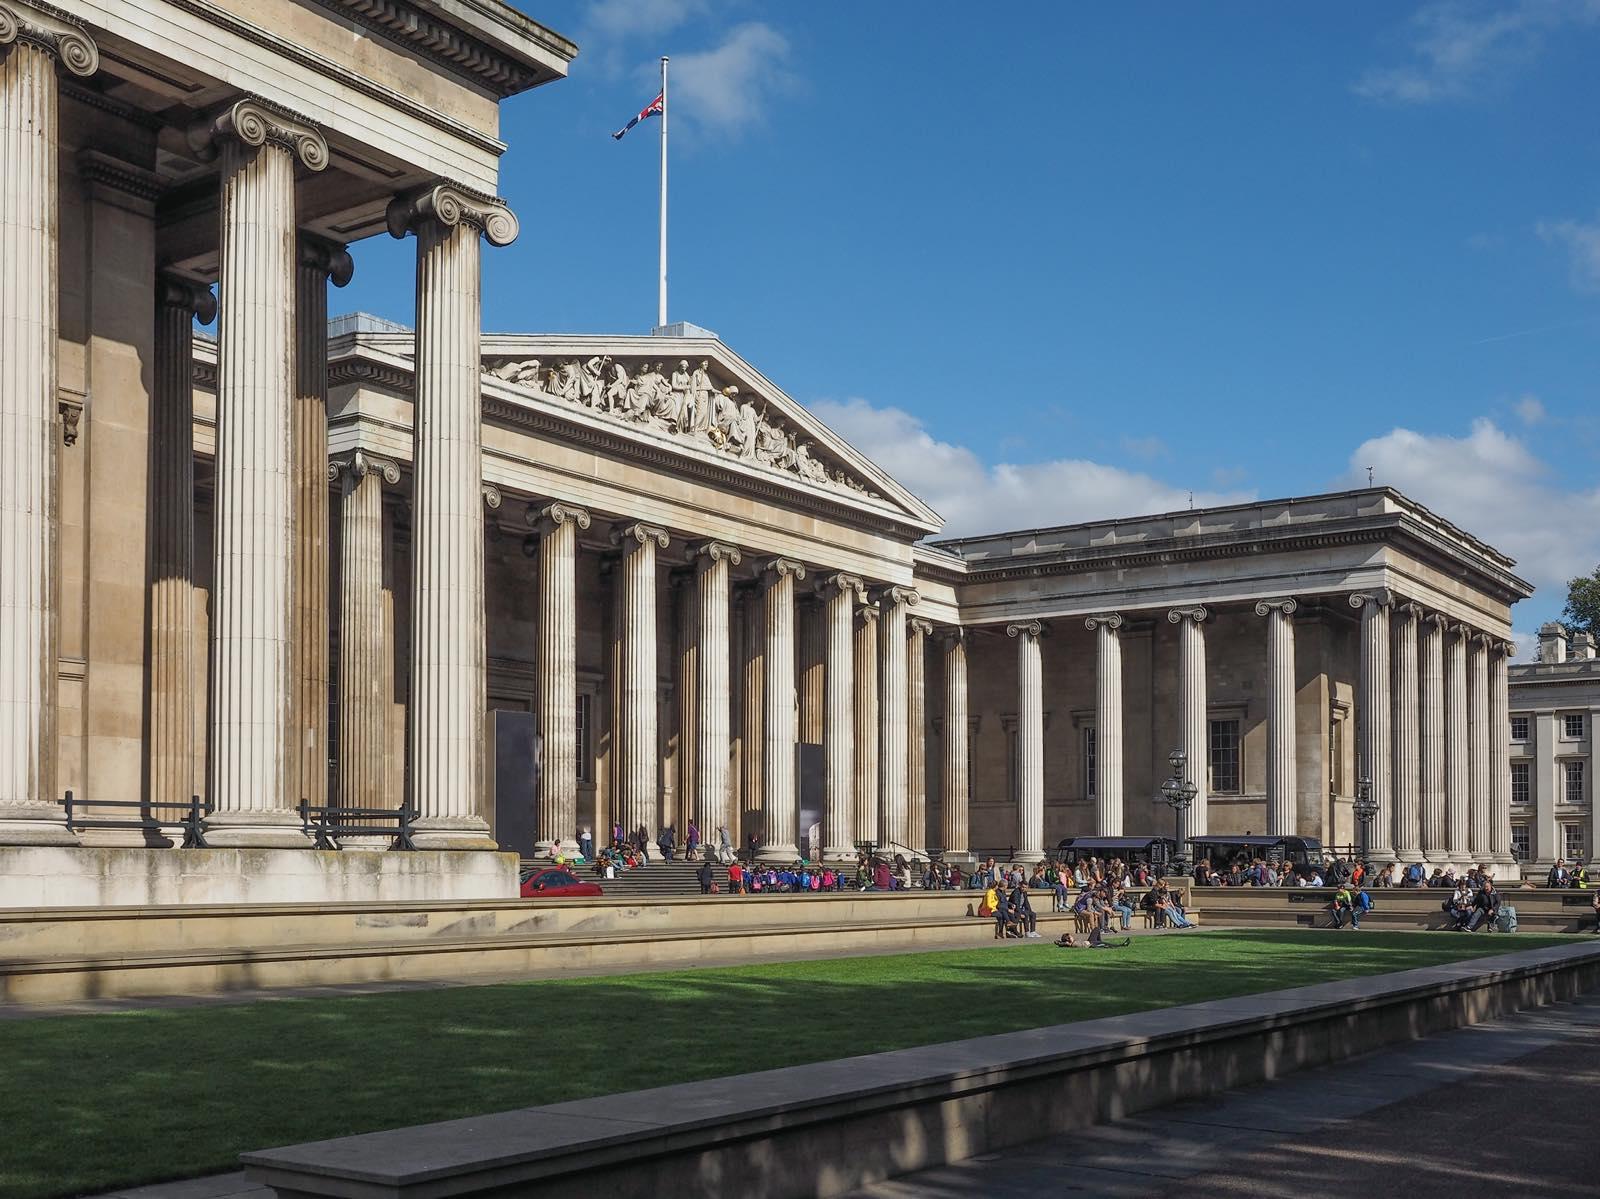 ロンドンの大英博物館